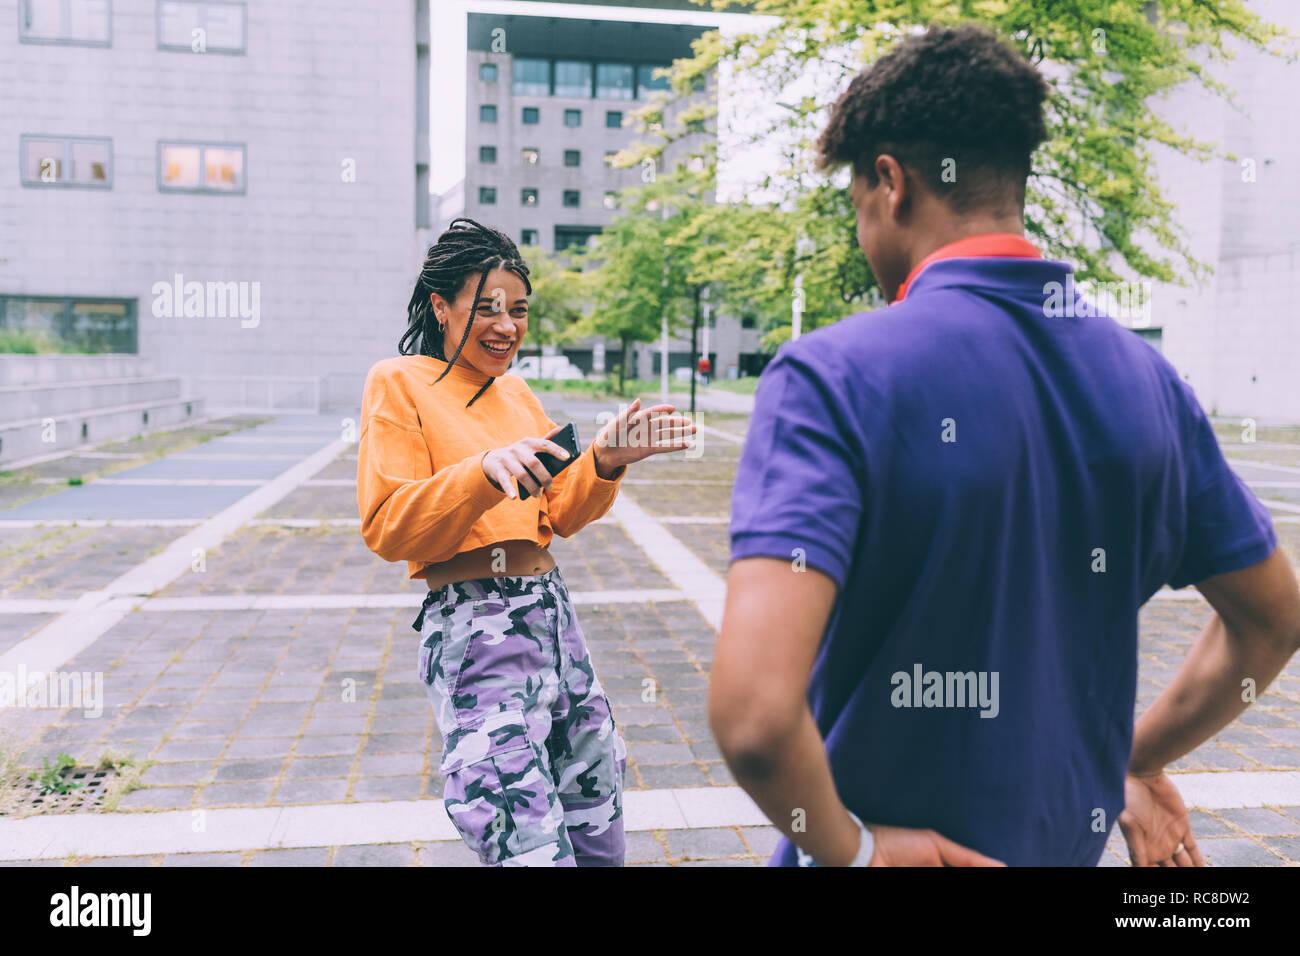 Frère et sœur danser et rire, Milan, Italie Banque D'Images